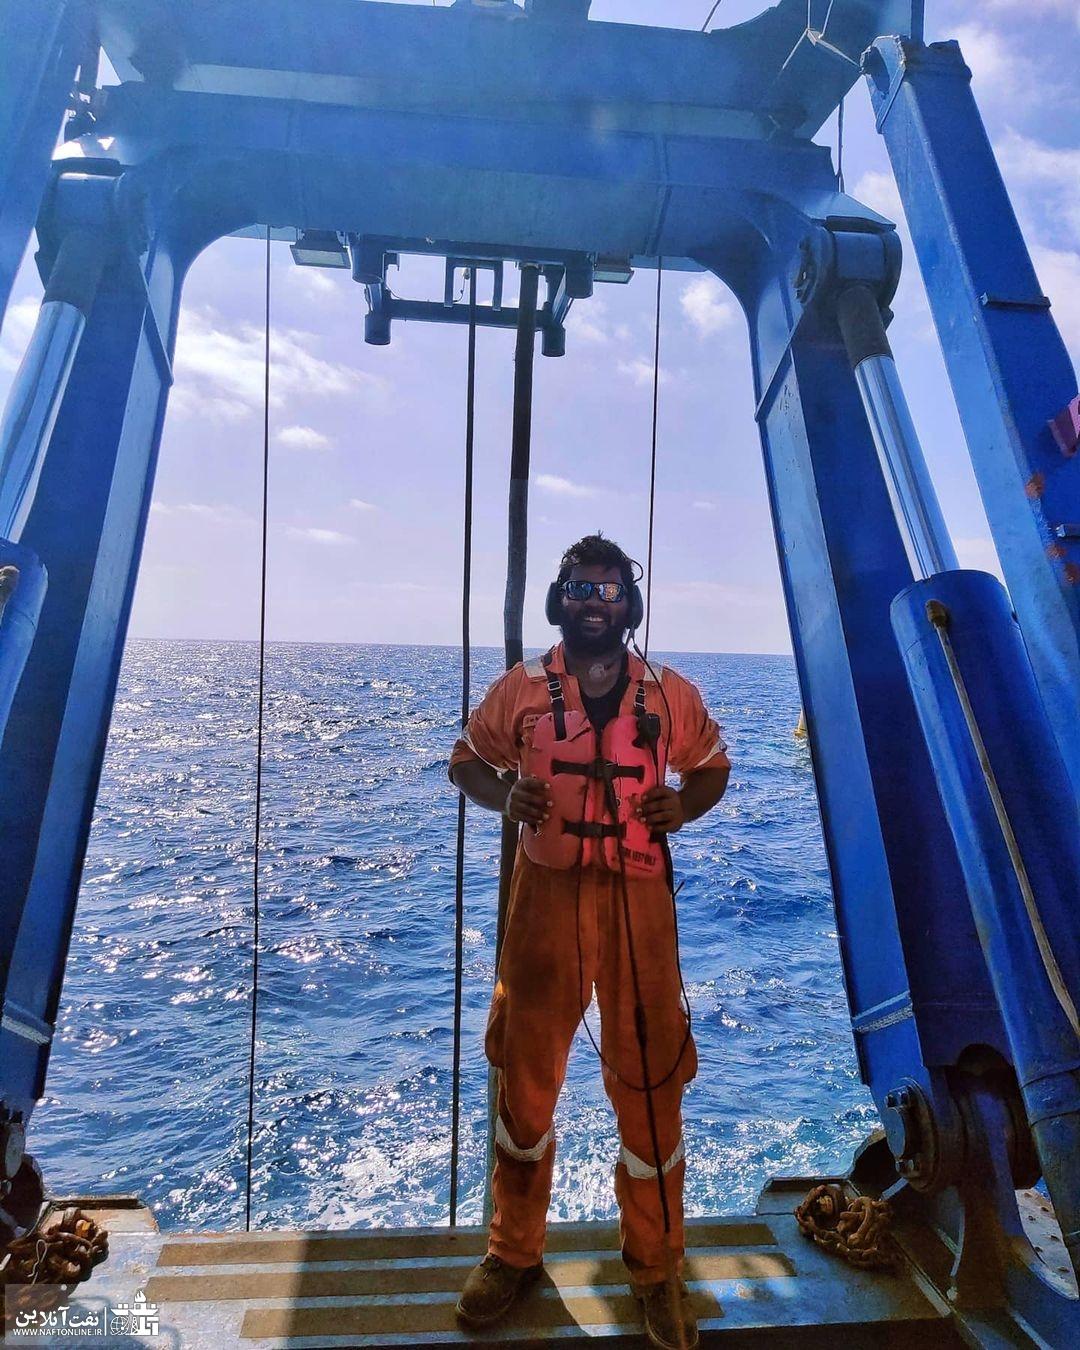 کارکنان نفت در دریا   نفت آنلاین